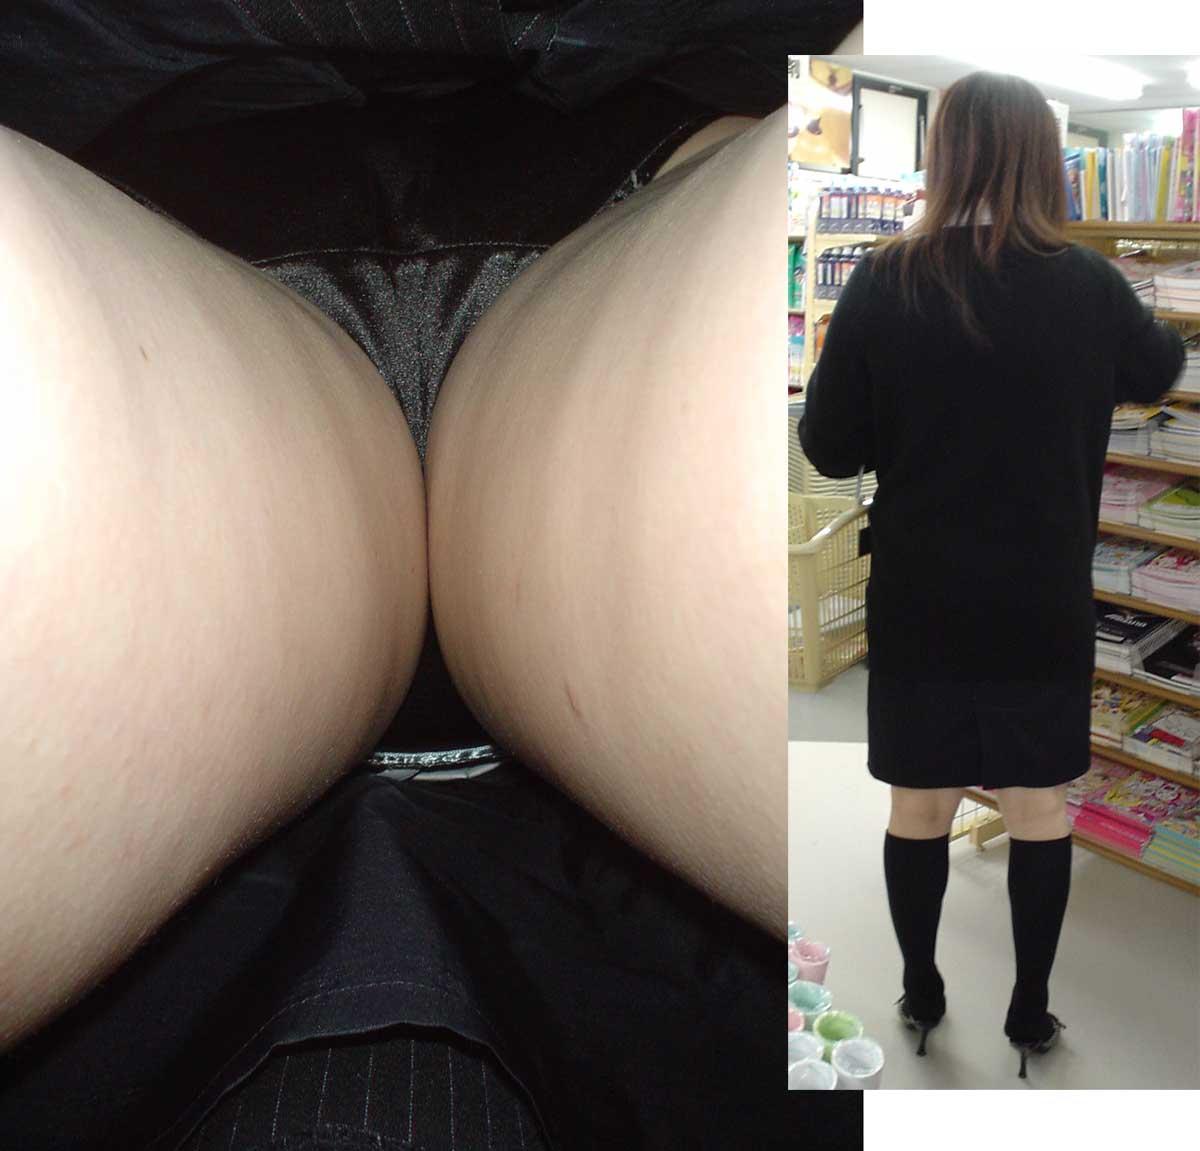 素人OLお姉さんのスカートの中身を逆さ撮りしたエロ画像14枚目